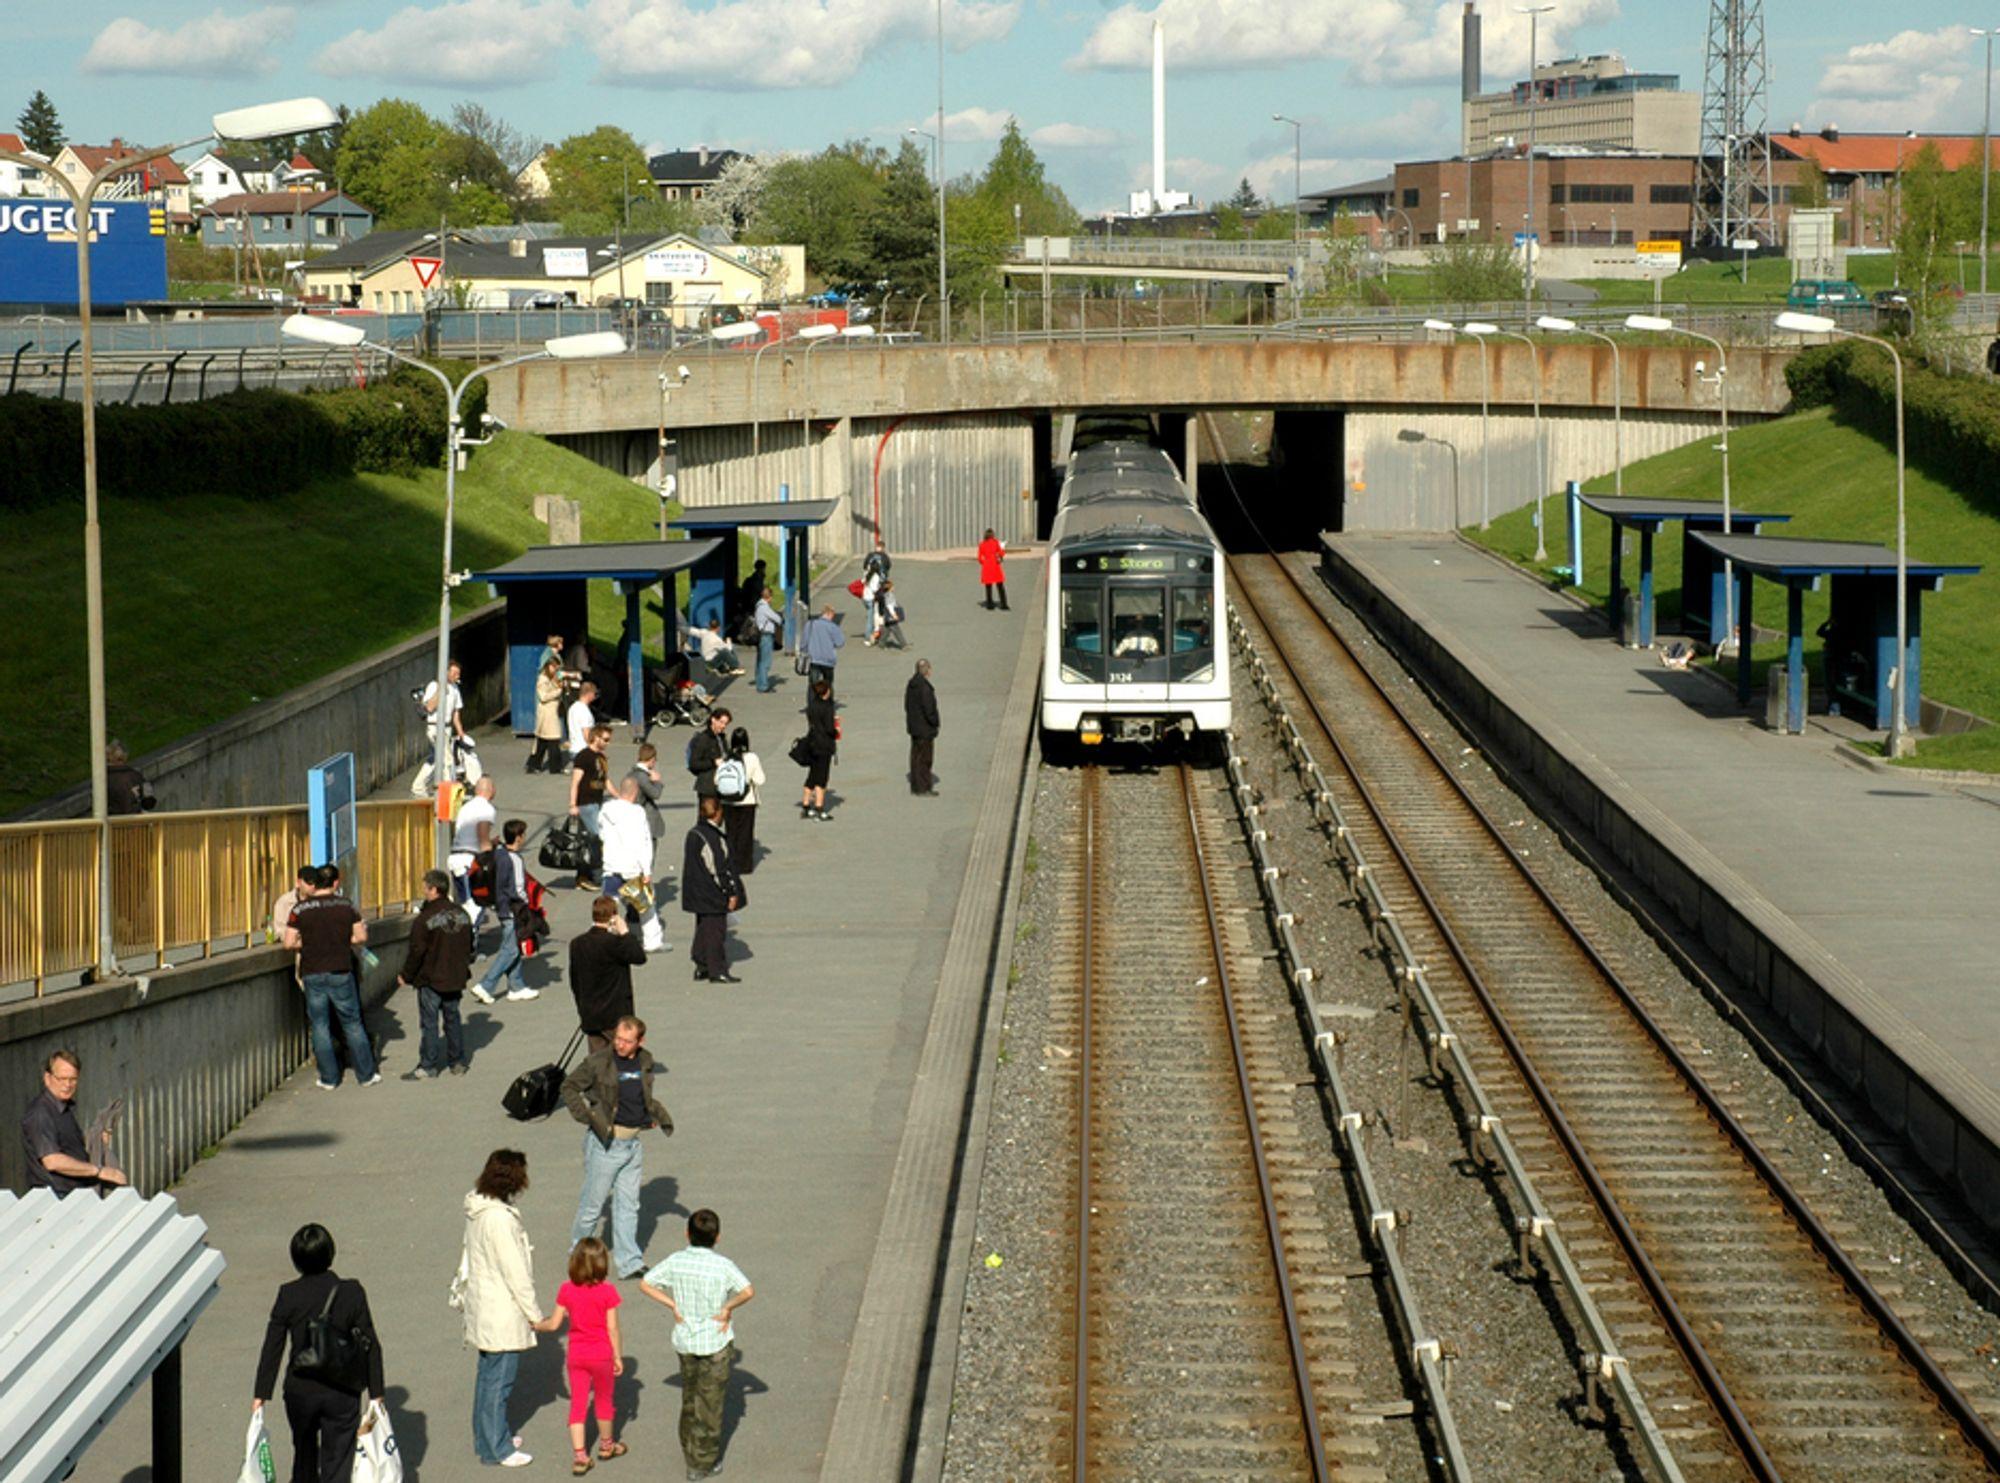 En stor del av Økern T-banestasjon vil ligge under lokk når utbyggingen i området er fullført. Passasjerene kan glede seg over nye adkomstmuligheter og høyere standard på stasjonen.